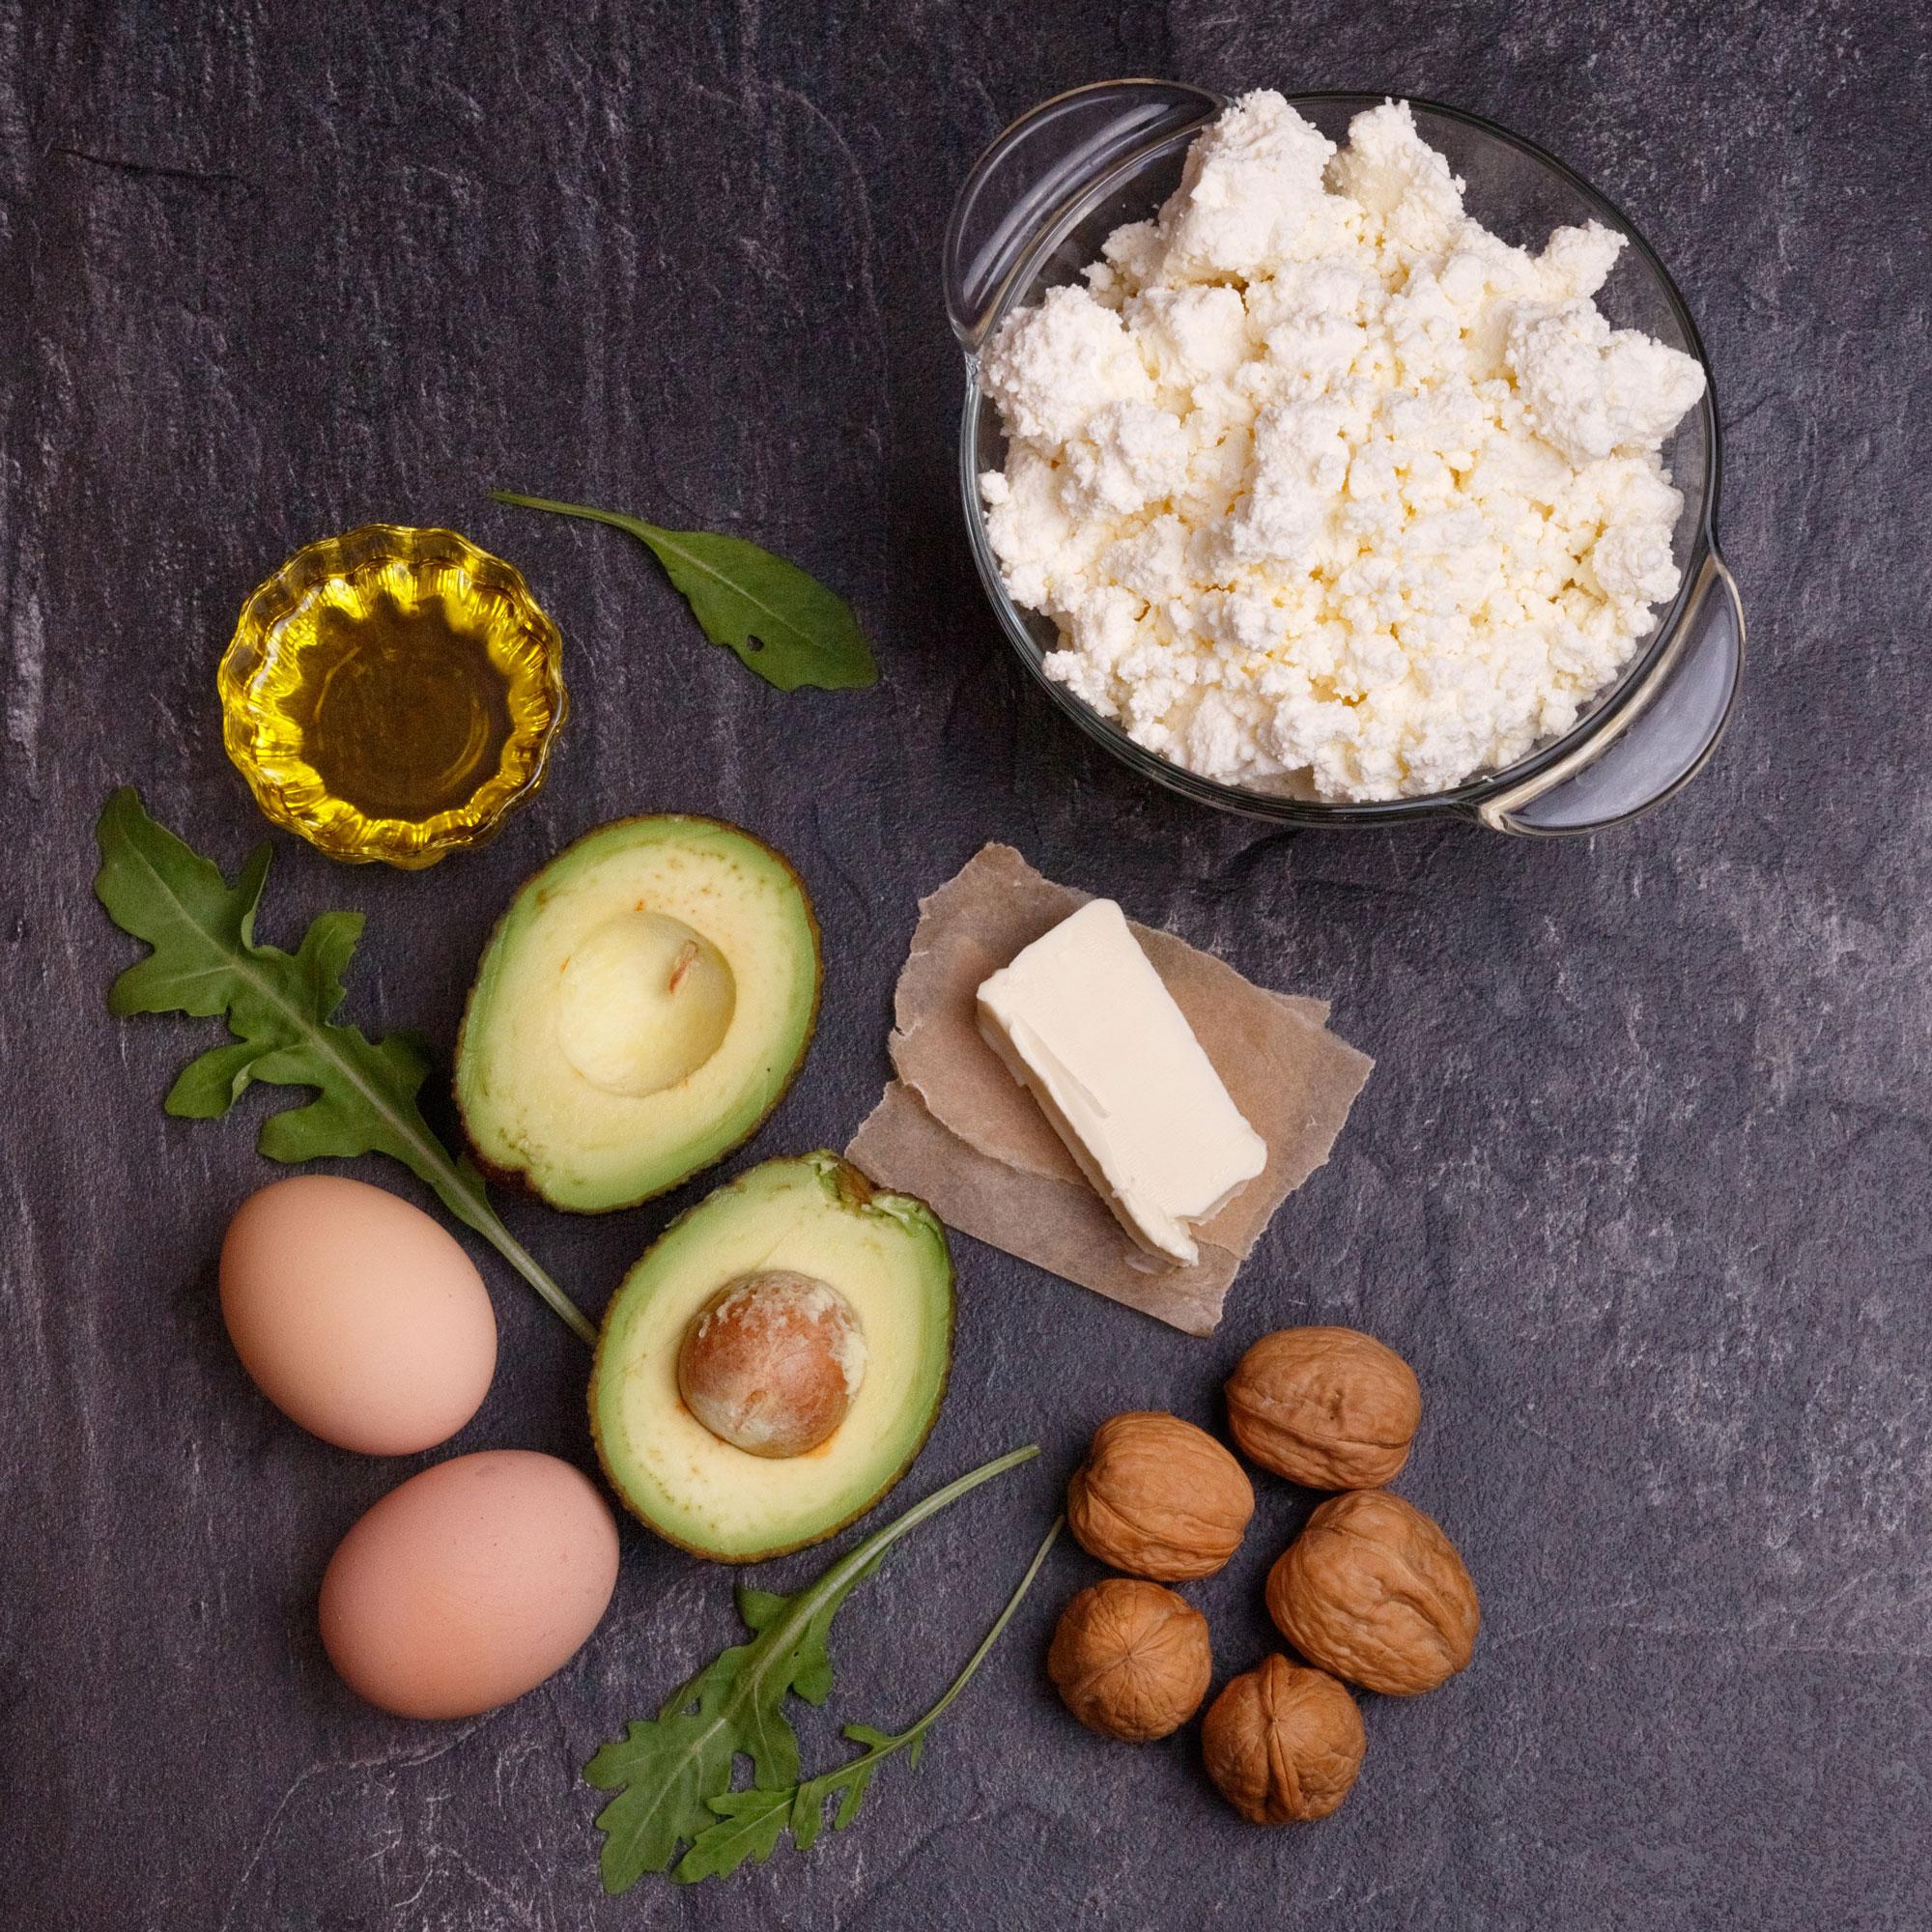 ¿Qué es la dieta Keto?  Ventajas y riesgos de la dieta cetogénica